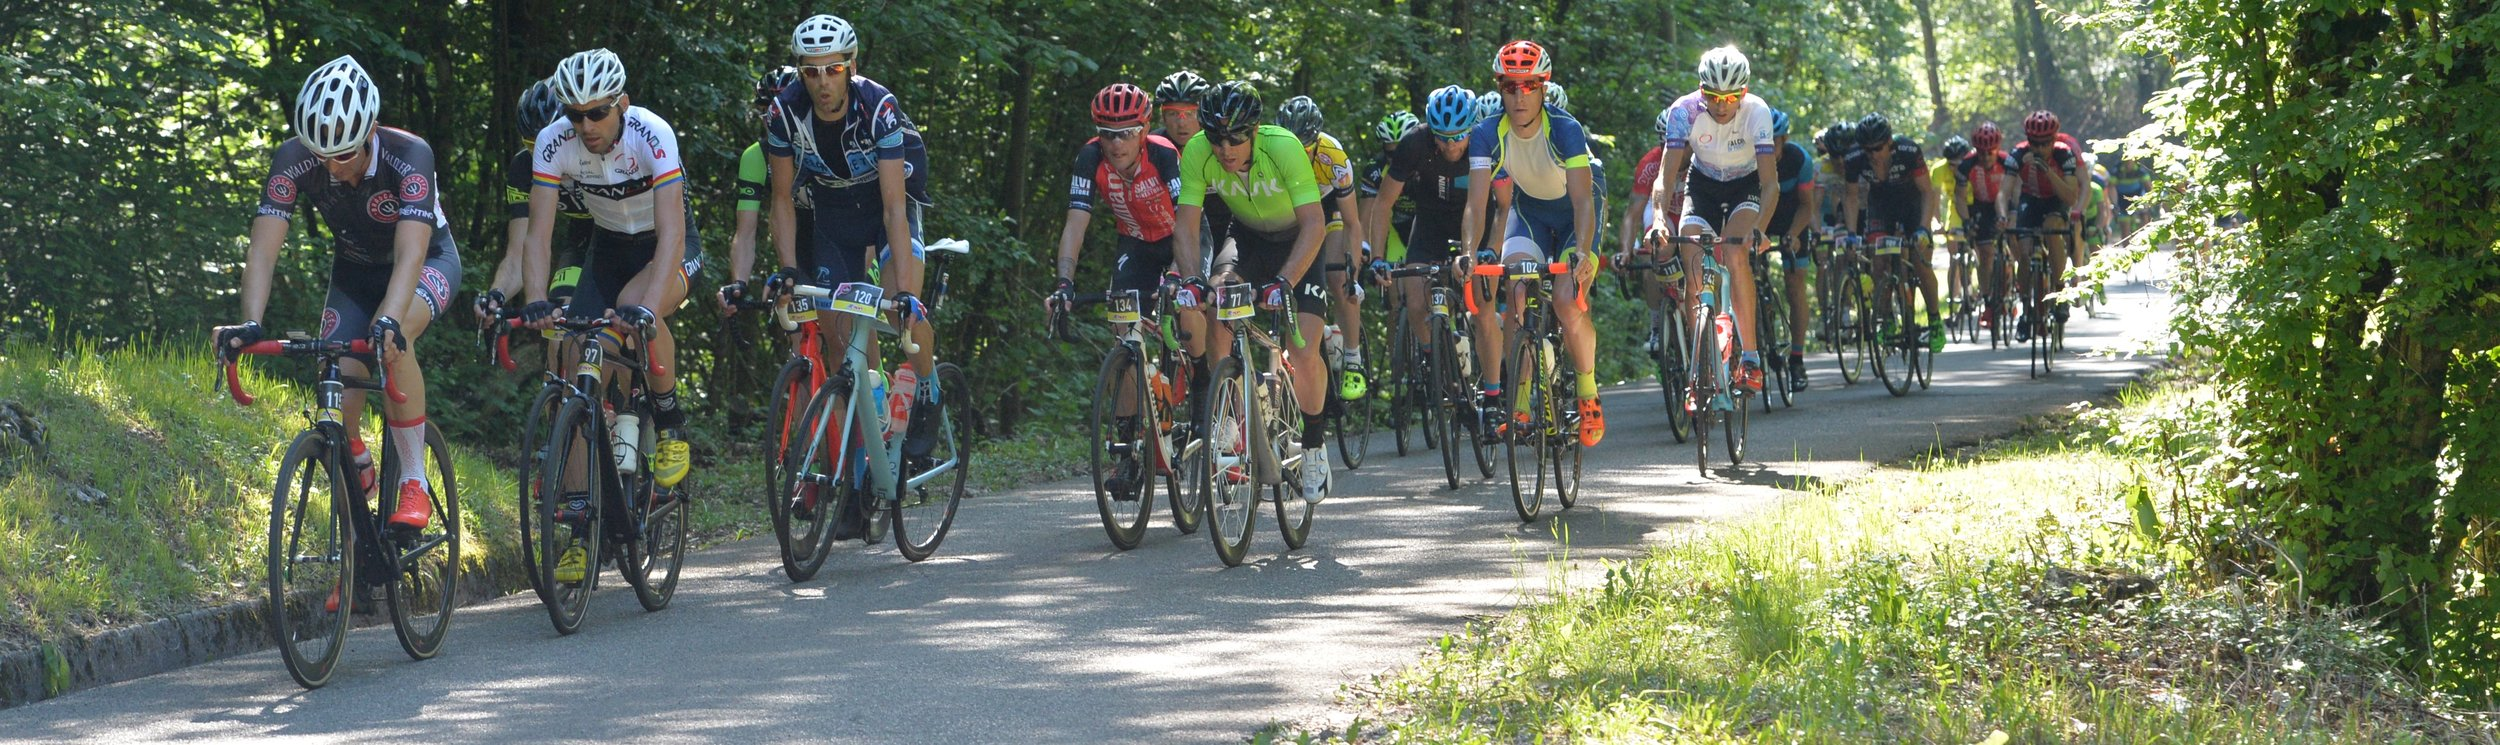 a peloton of riders in the Giro d'Italia